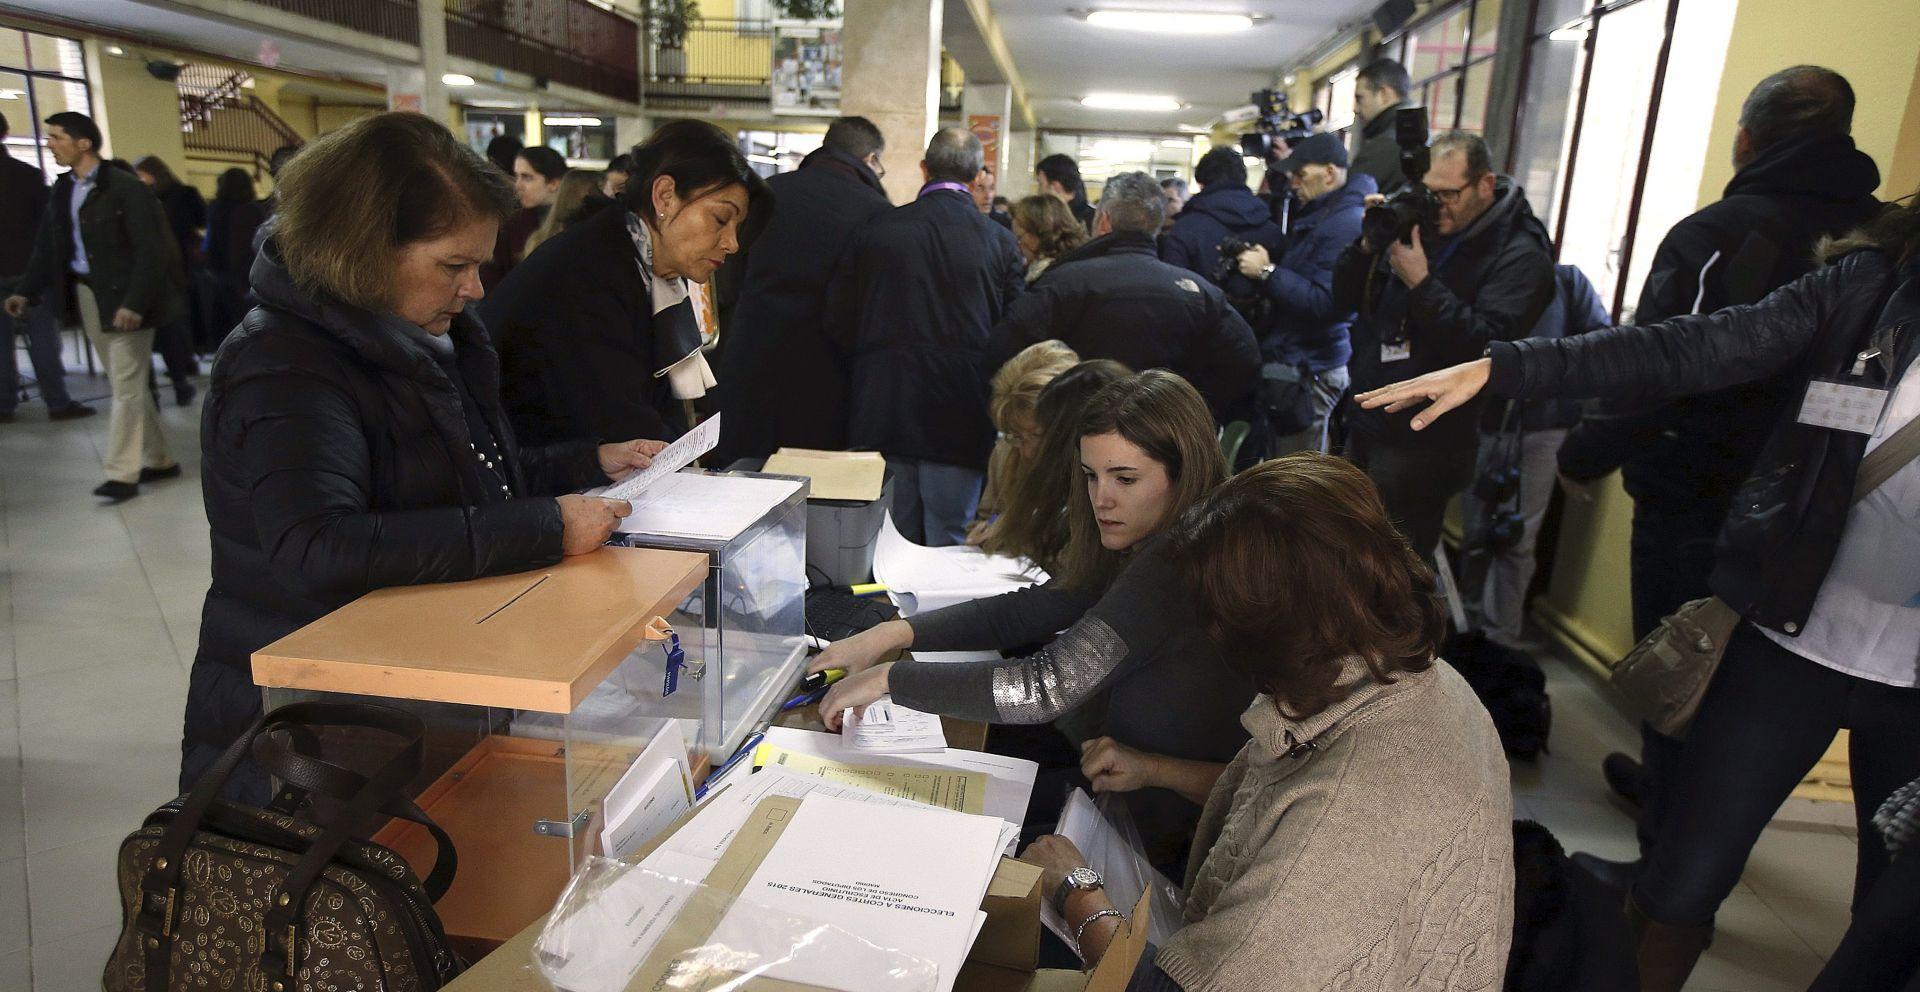 ŠPANJOLSKA: Birališta otvorena, počeli parlamentarni izbori